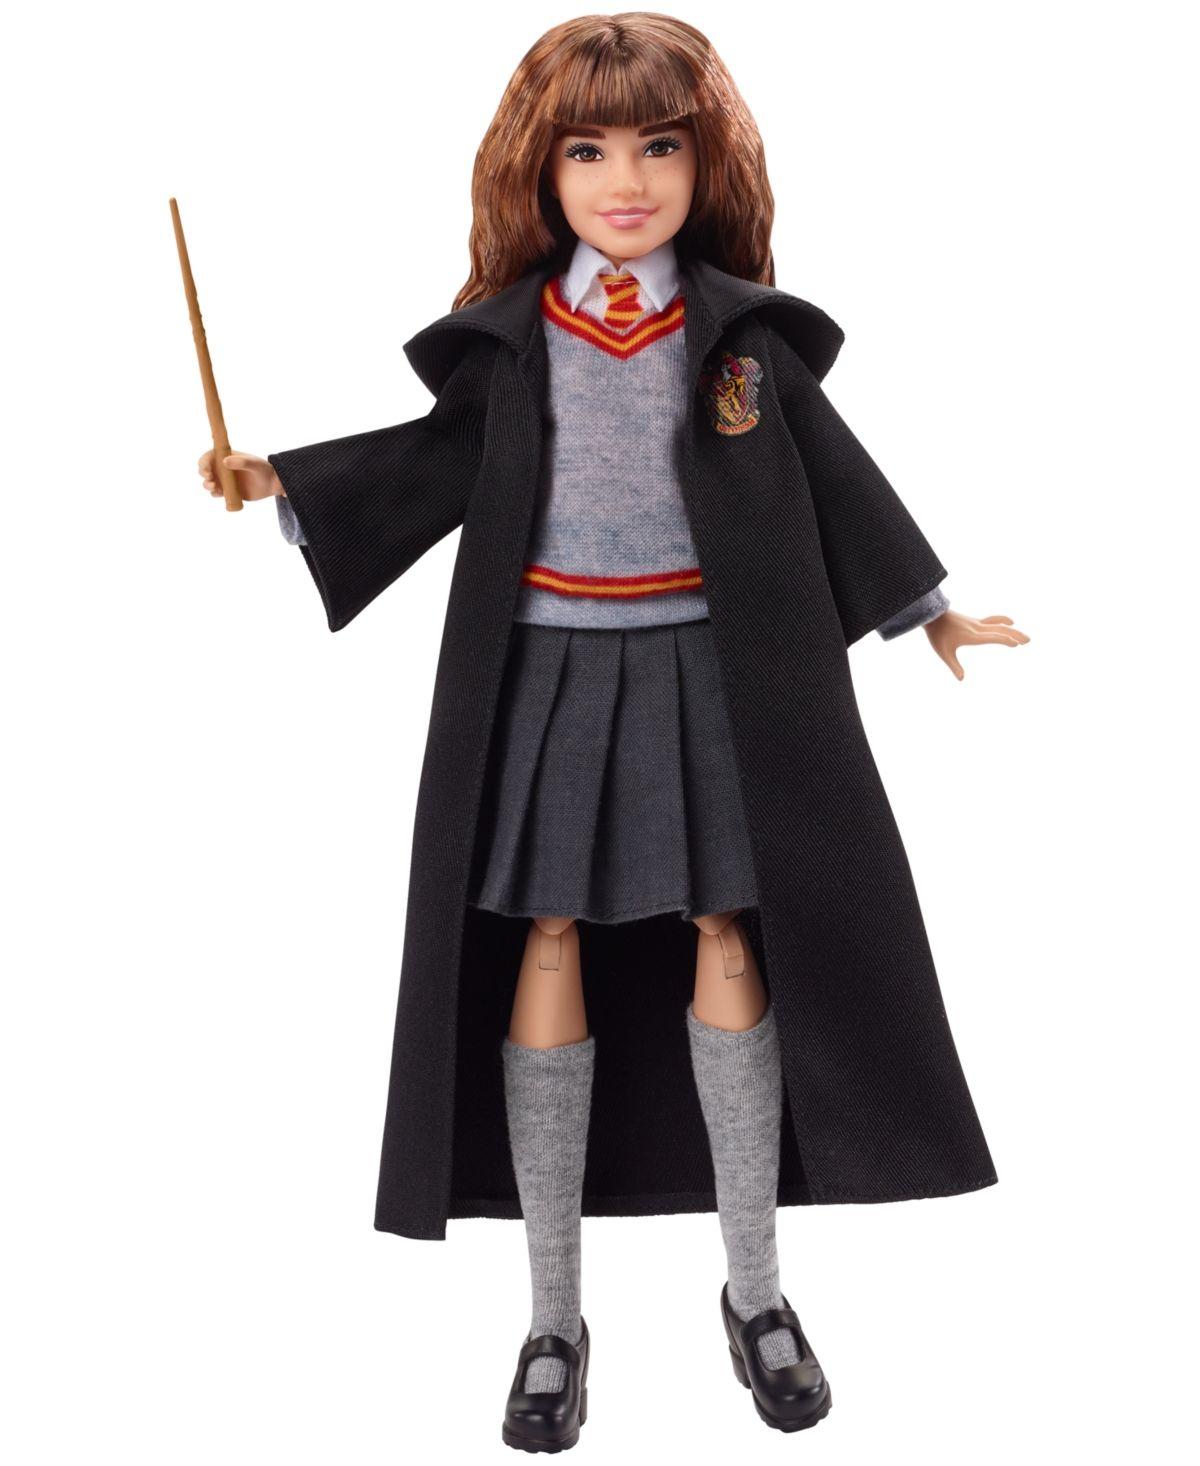 Harry Potter Hermoine Granger Doll Harry Potter Dolls Harry Potter Hermione Harry Potter Hermione Granger